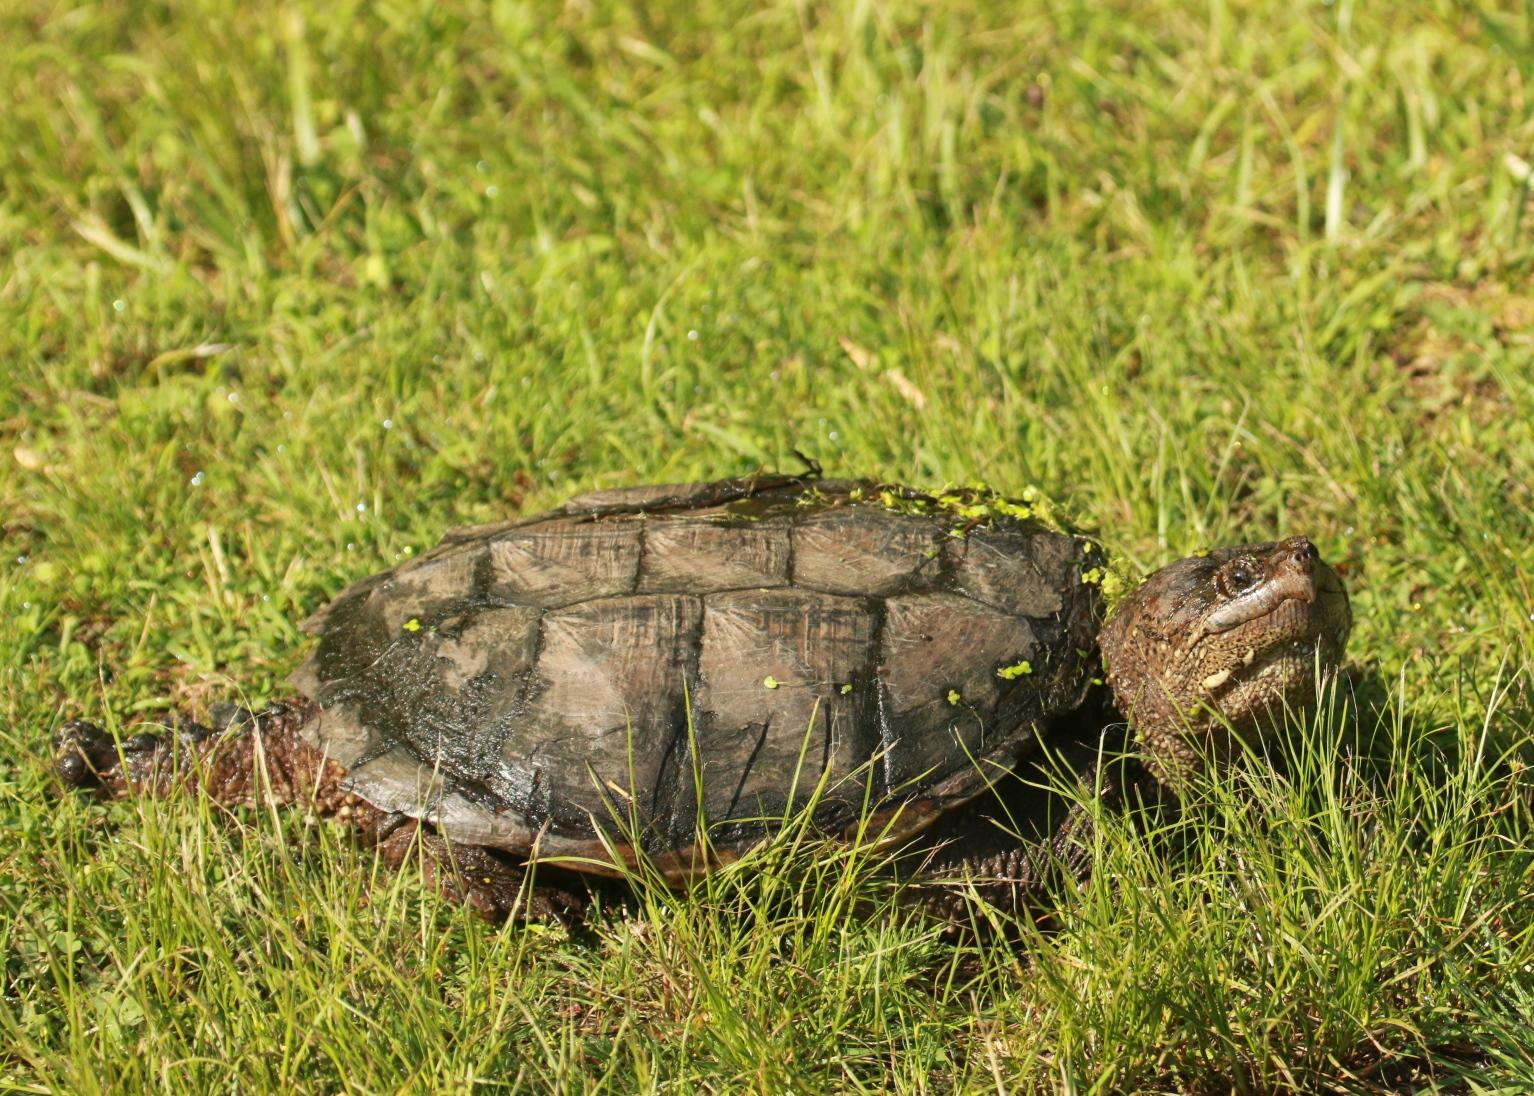 Snapping Turtle Mark Pagliarini.jpg